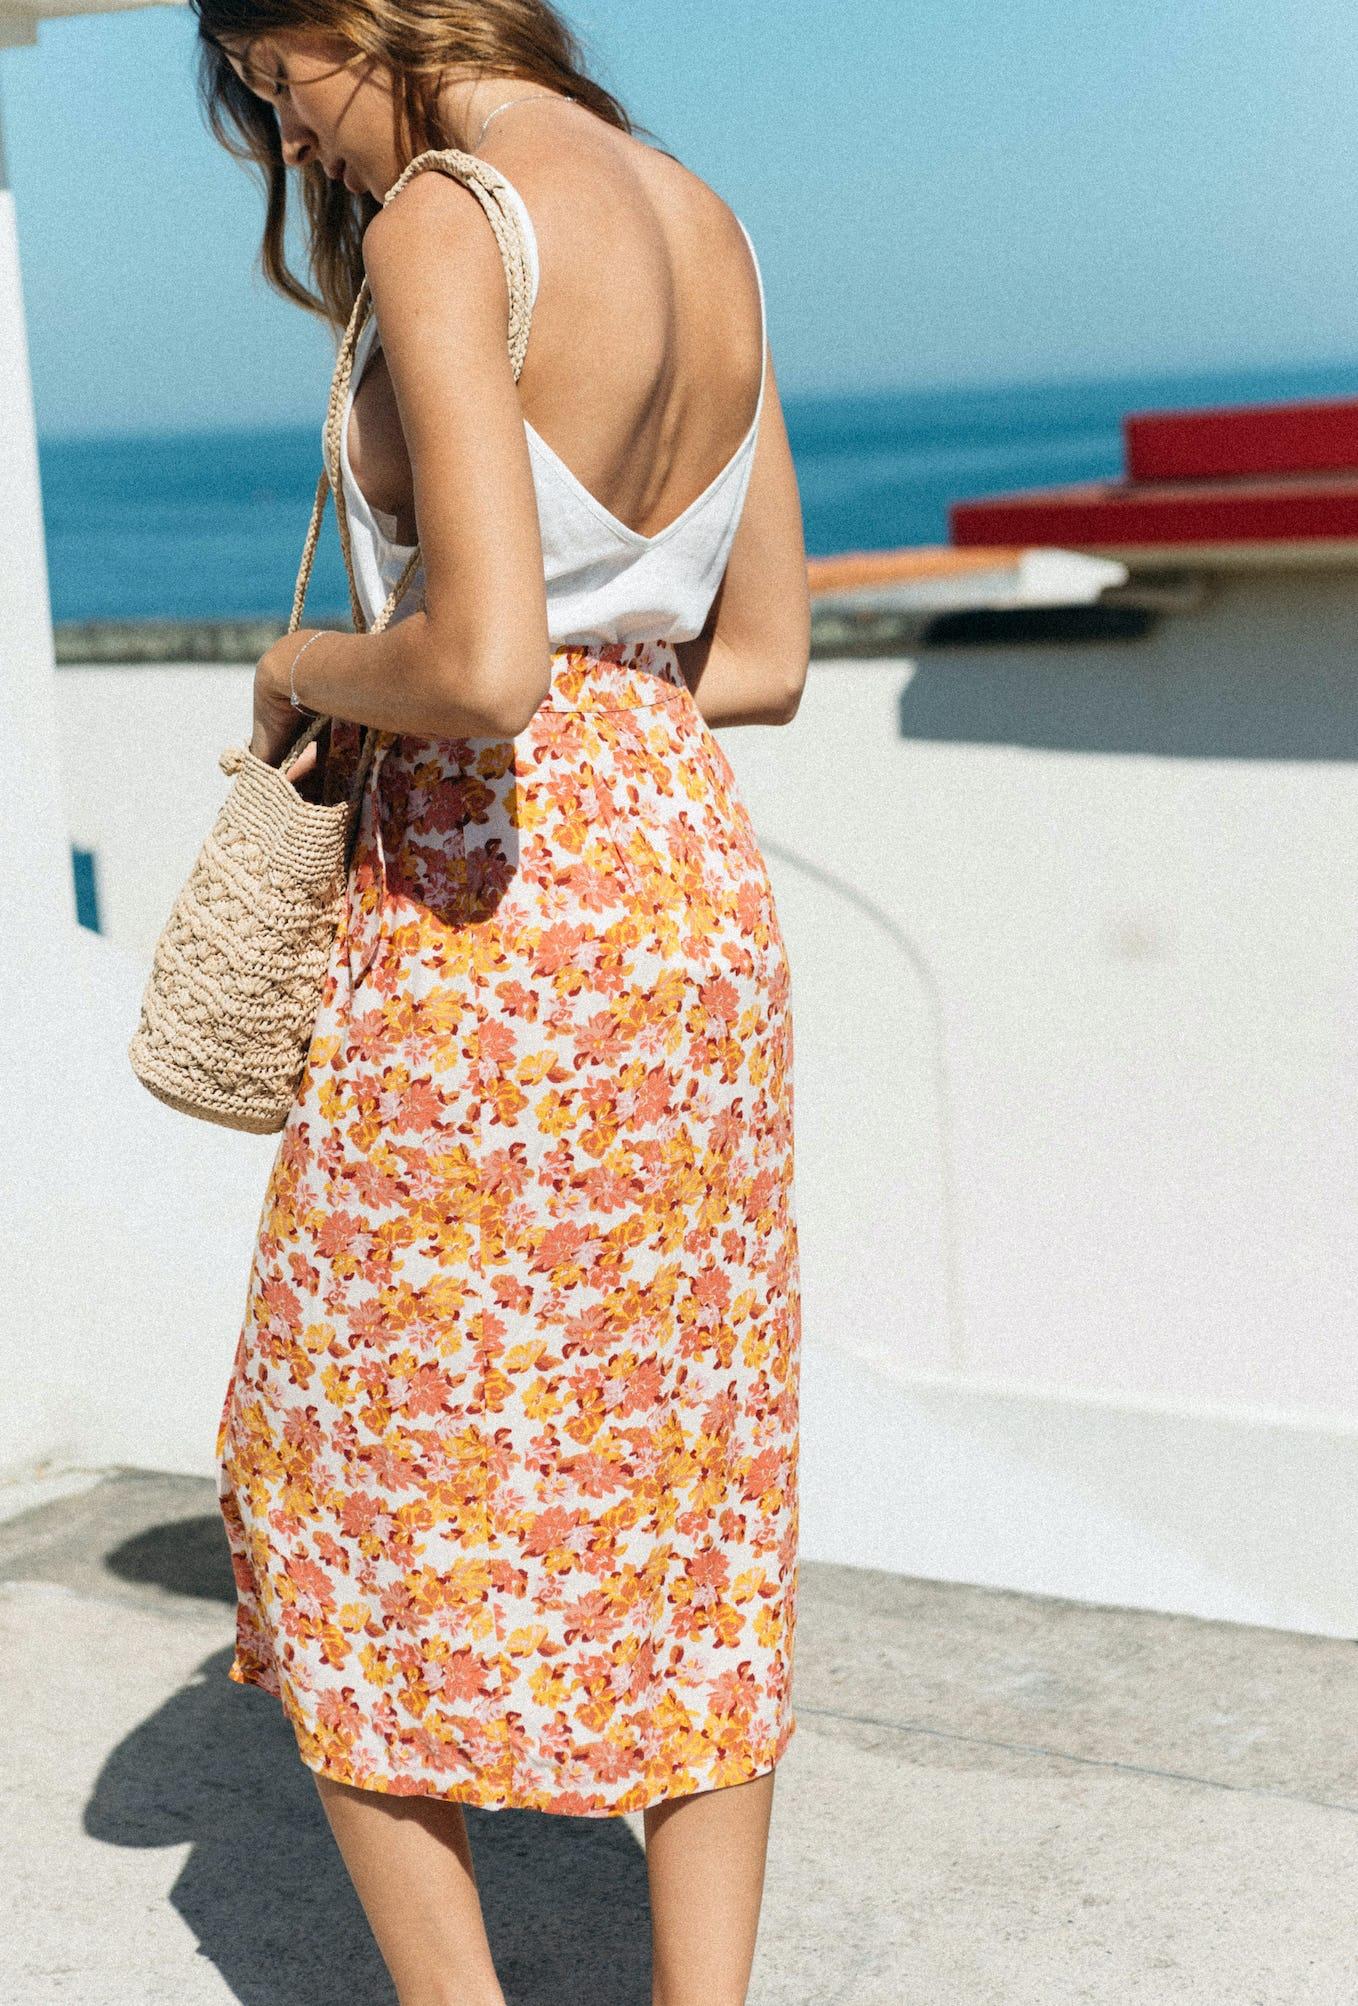 Skirt Voyage léger print peonies blush